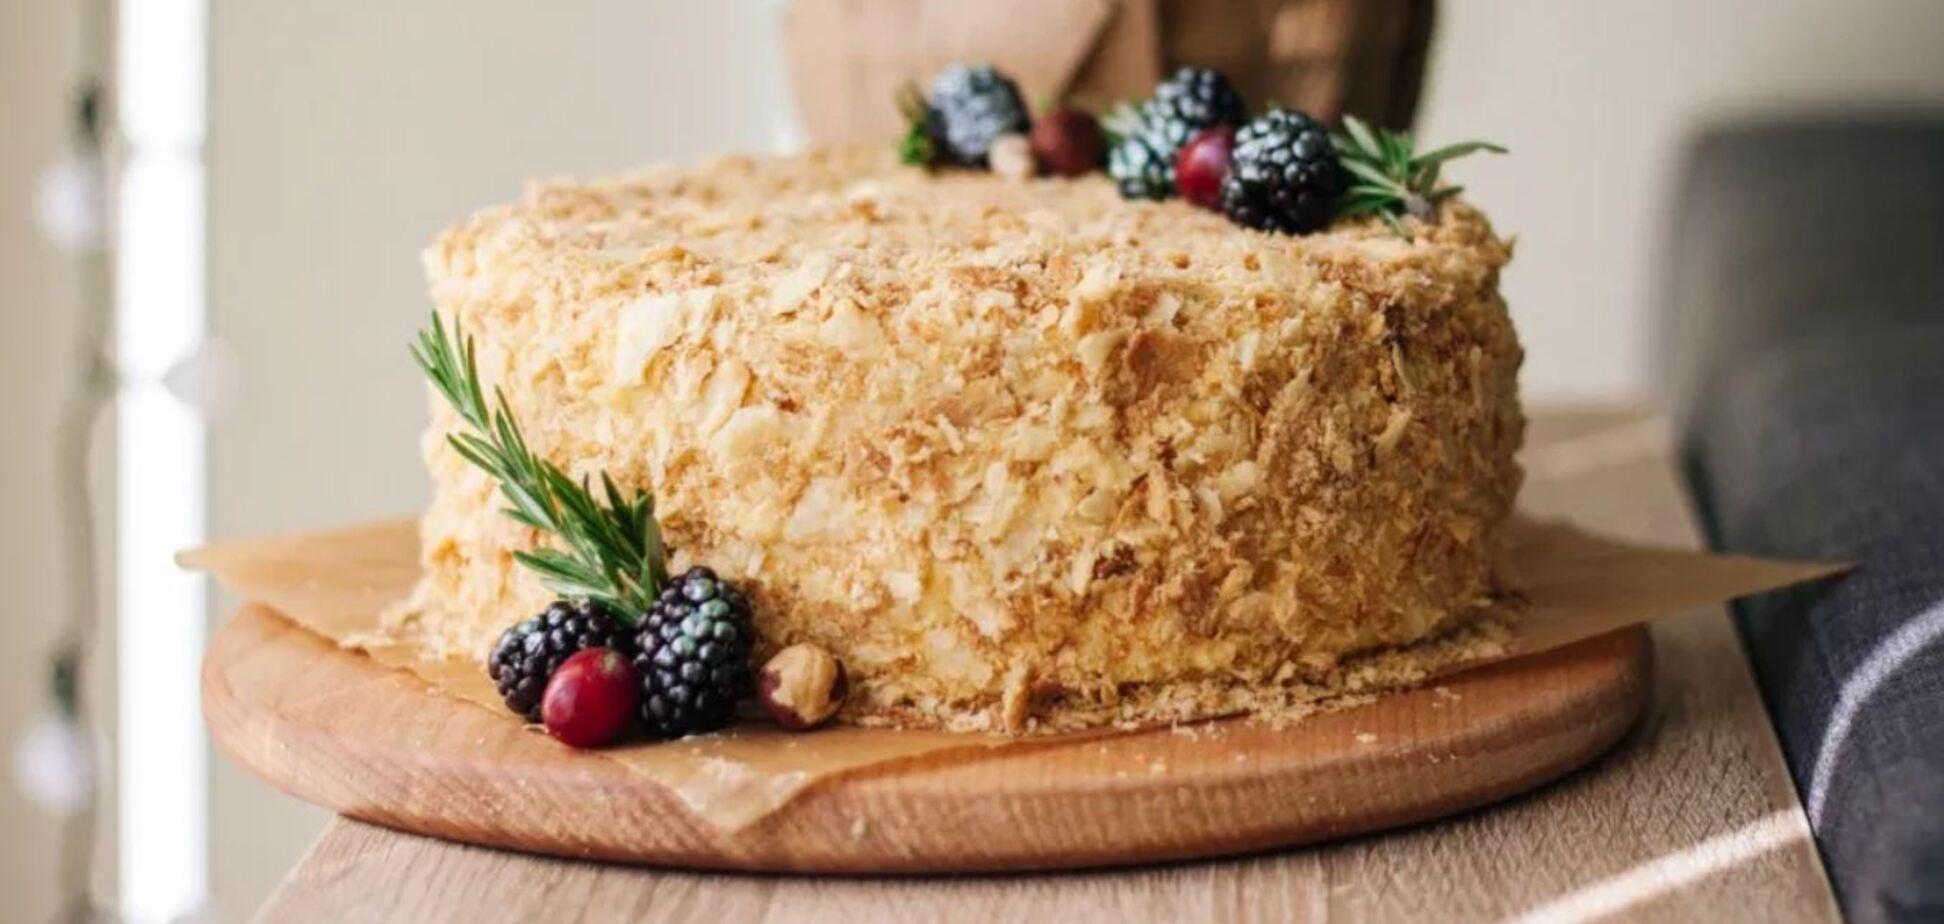 Рецепт найніжнішого торта 'Наполеон' за 15 хвилин